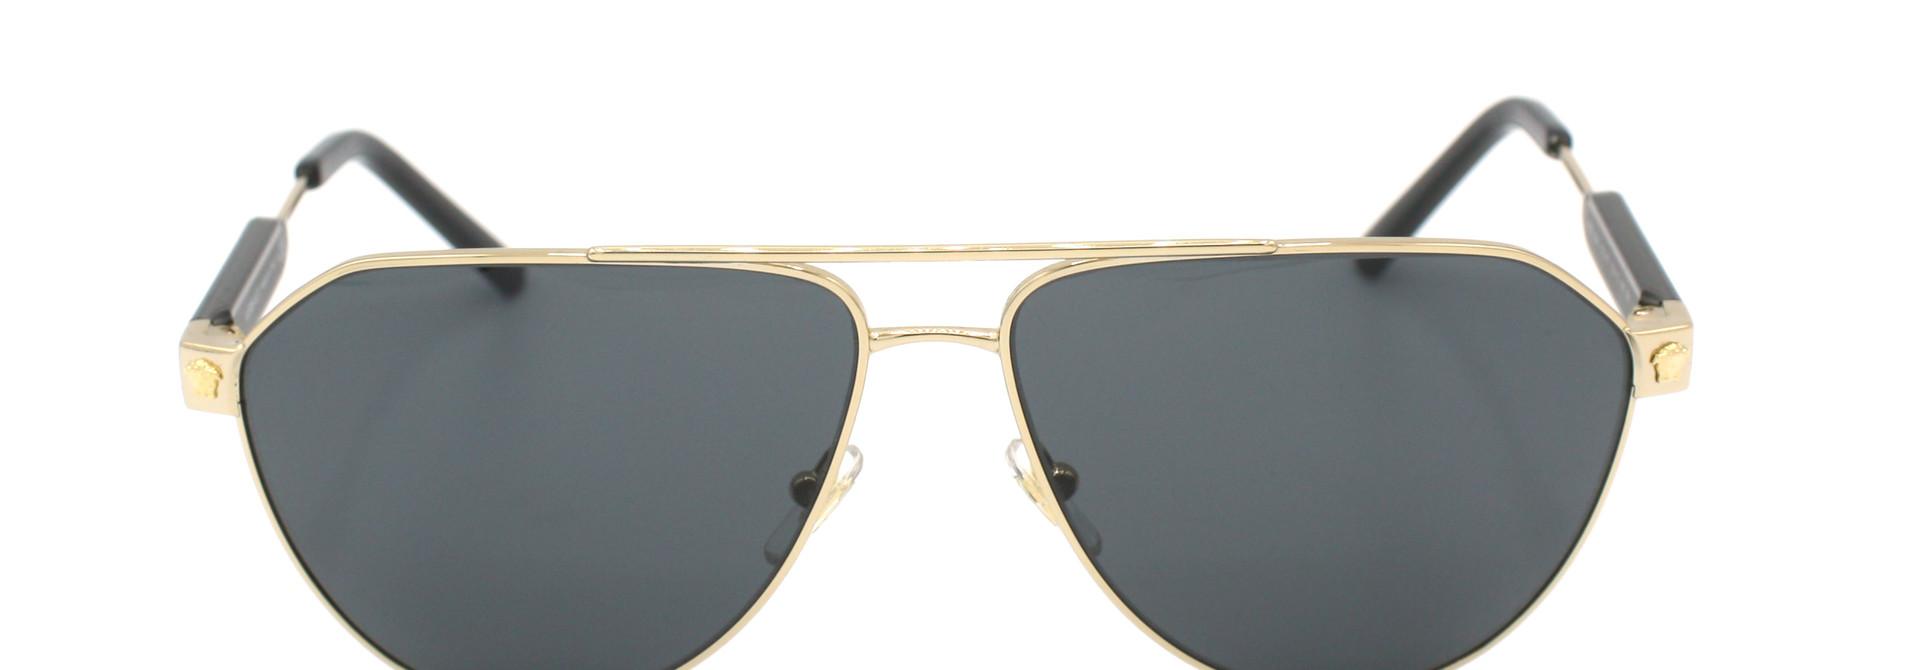 Versace - VE2223 - 10028762